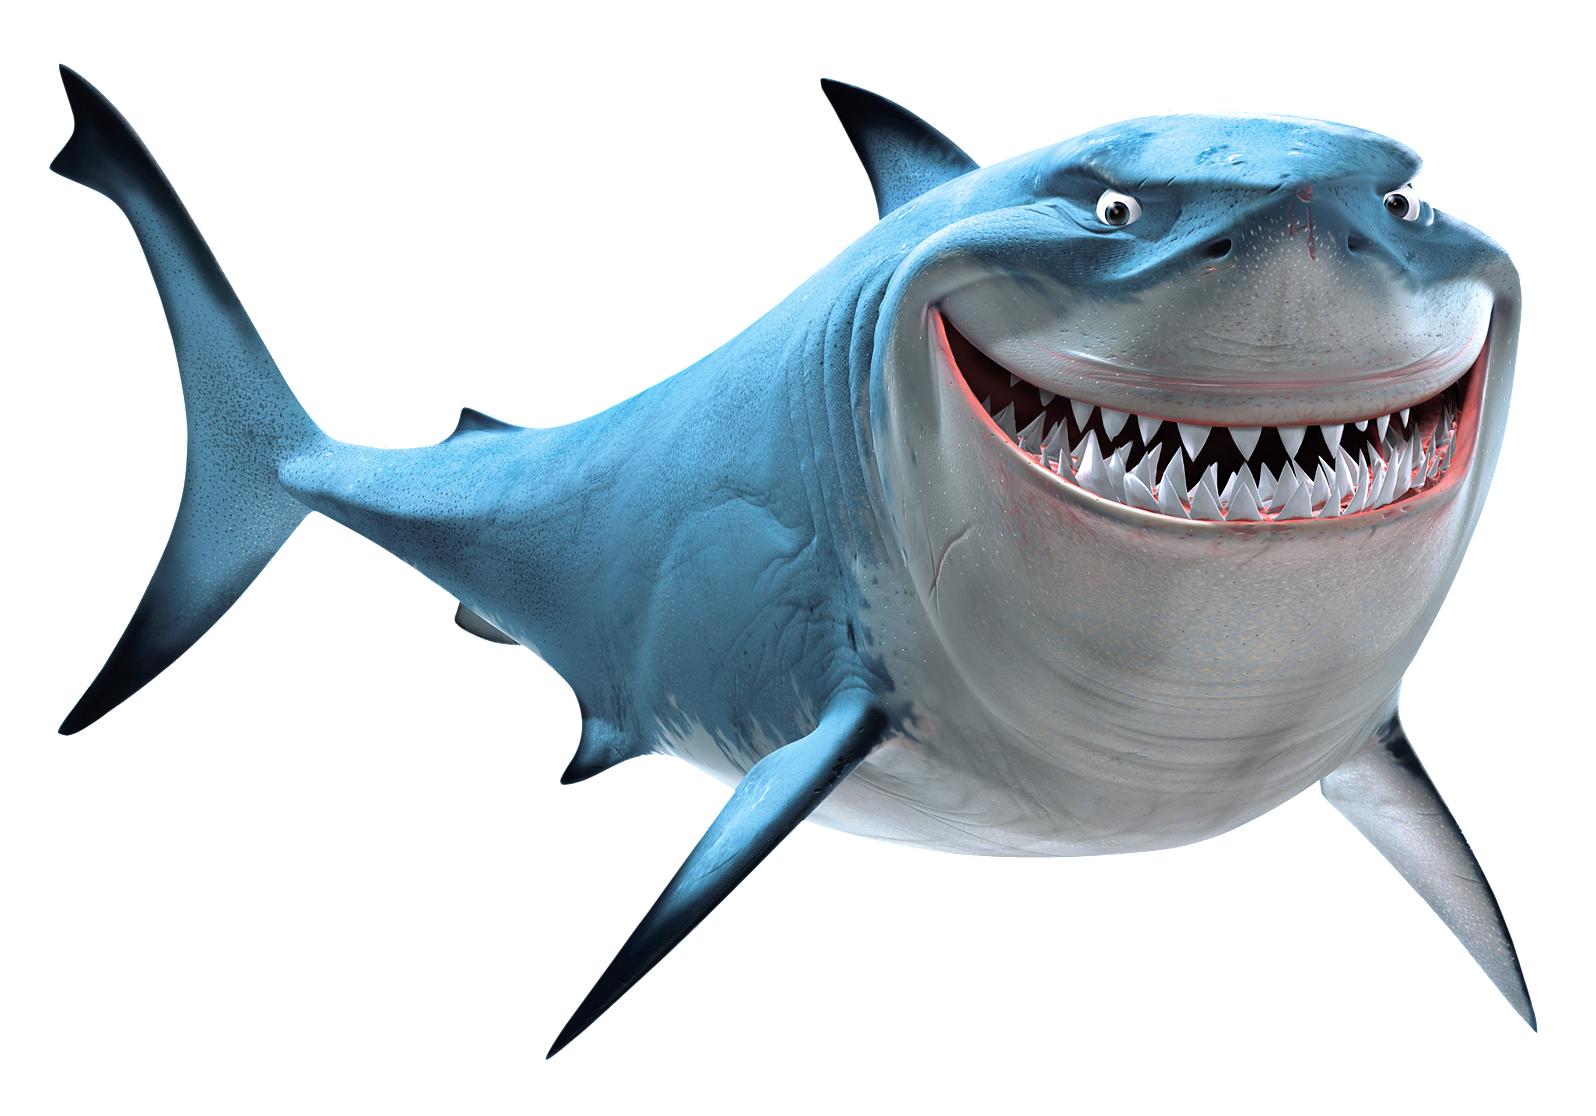 Bruce-FNFinding Nemo Sharks Names